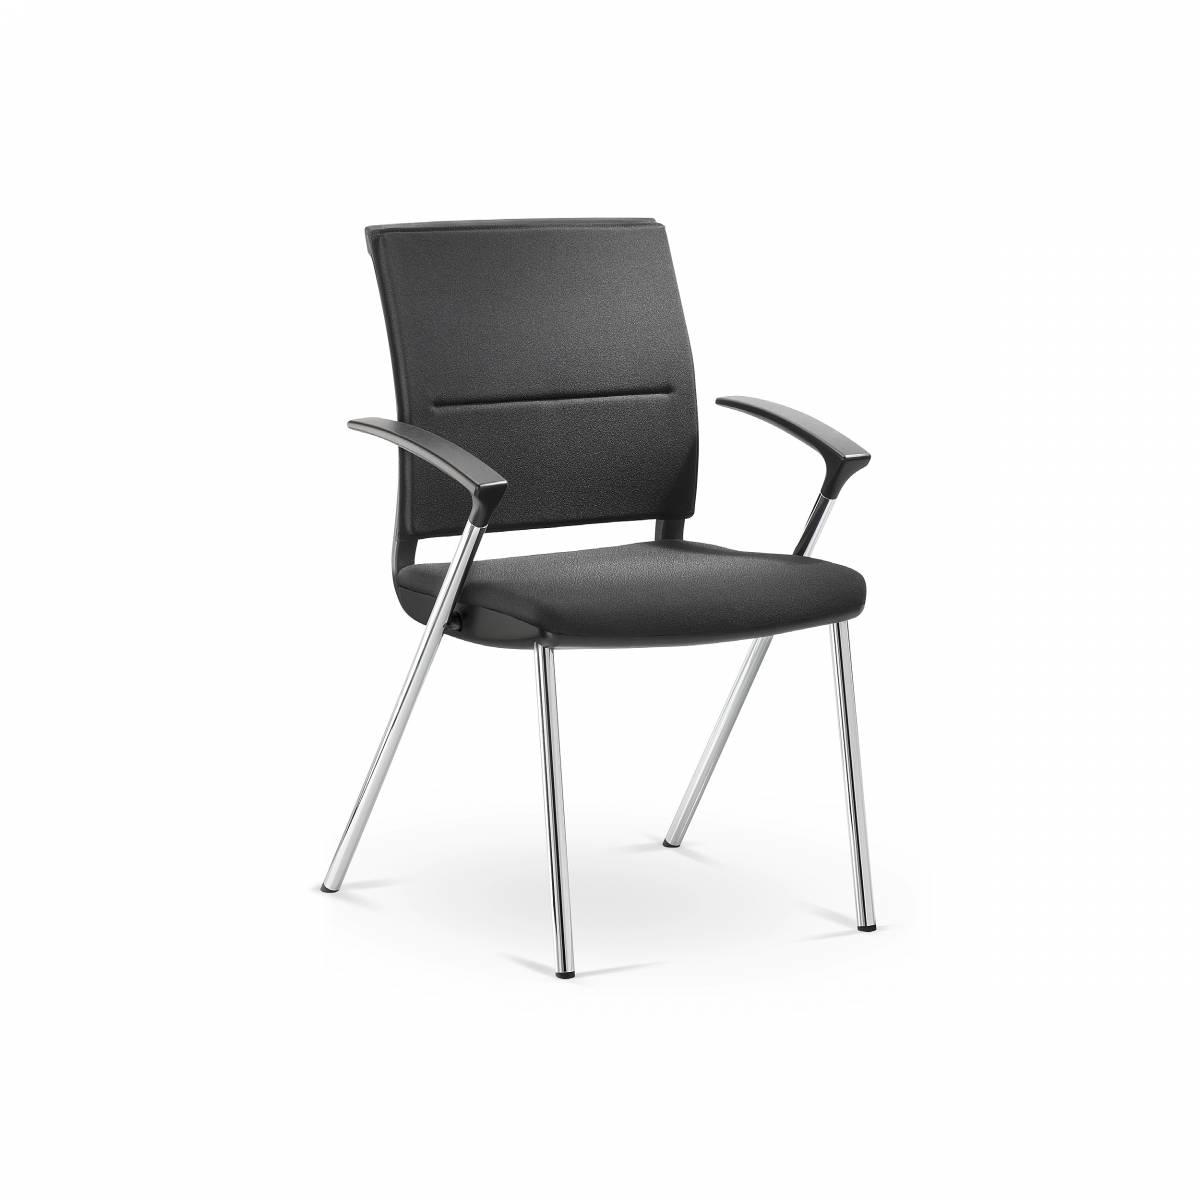 Chaise visiteur entièrement tapissée 4 pieds avec accoudoirs fixes de série gamme SAIL sur Marseille